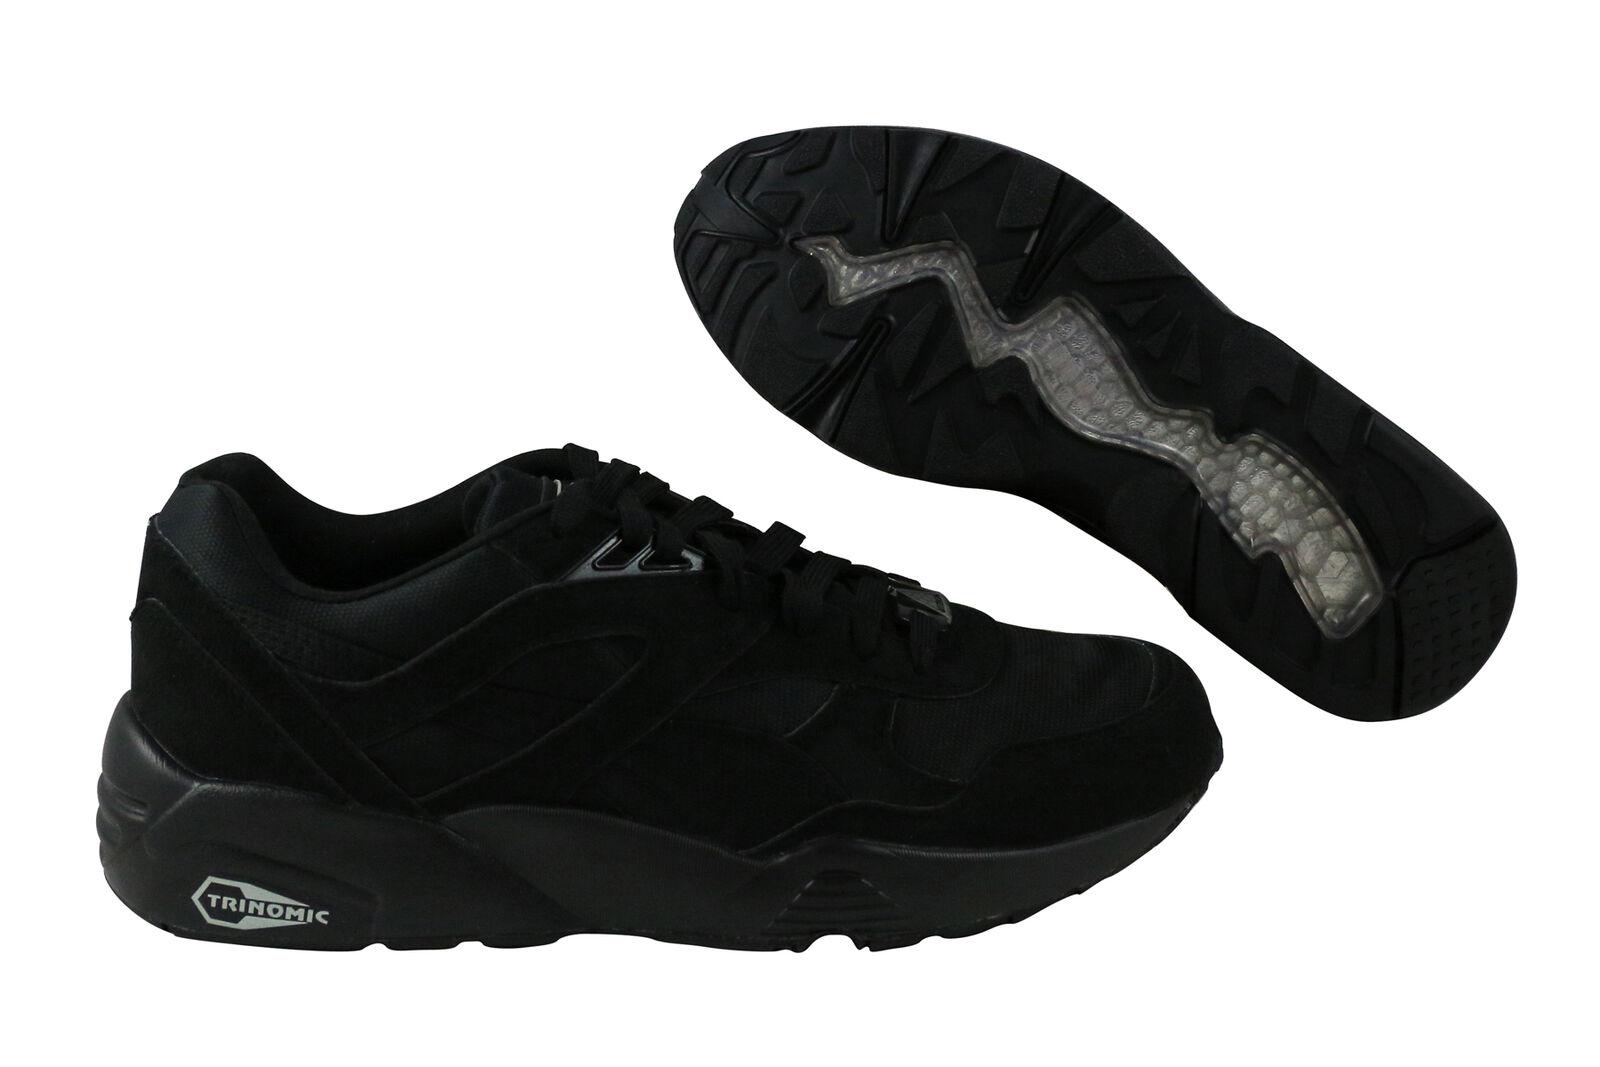 Puma R698 Trinomic black/drizzle Laufschuhe Schuhe schwarz